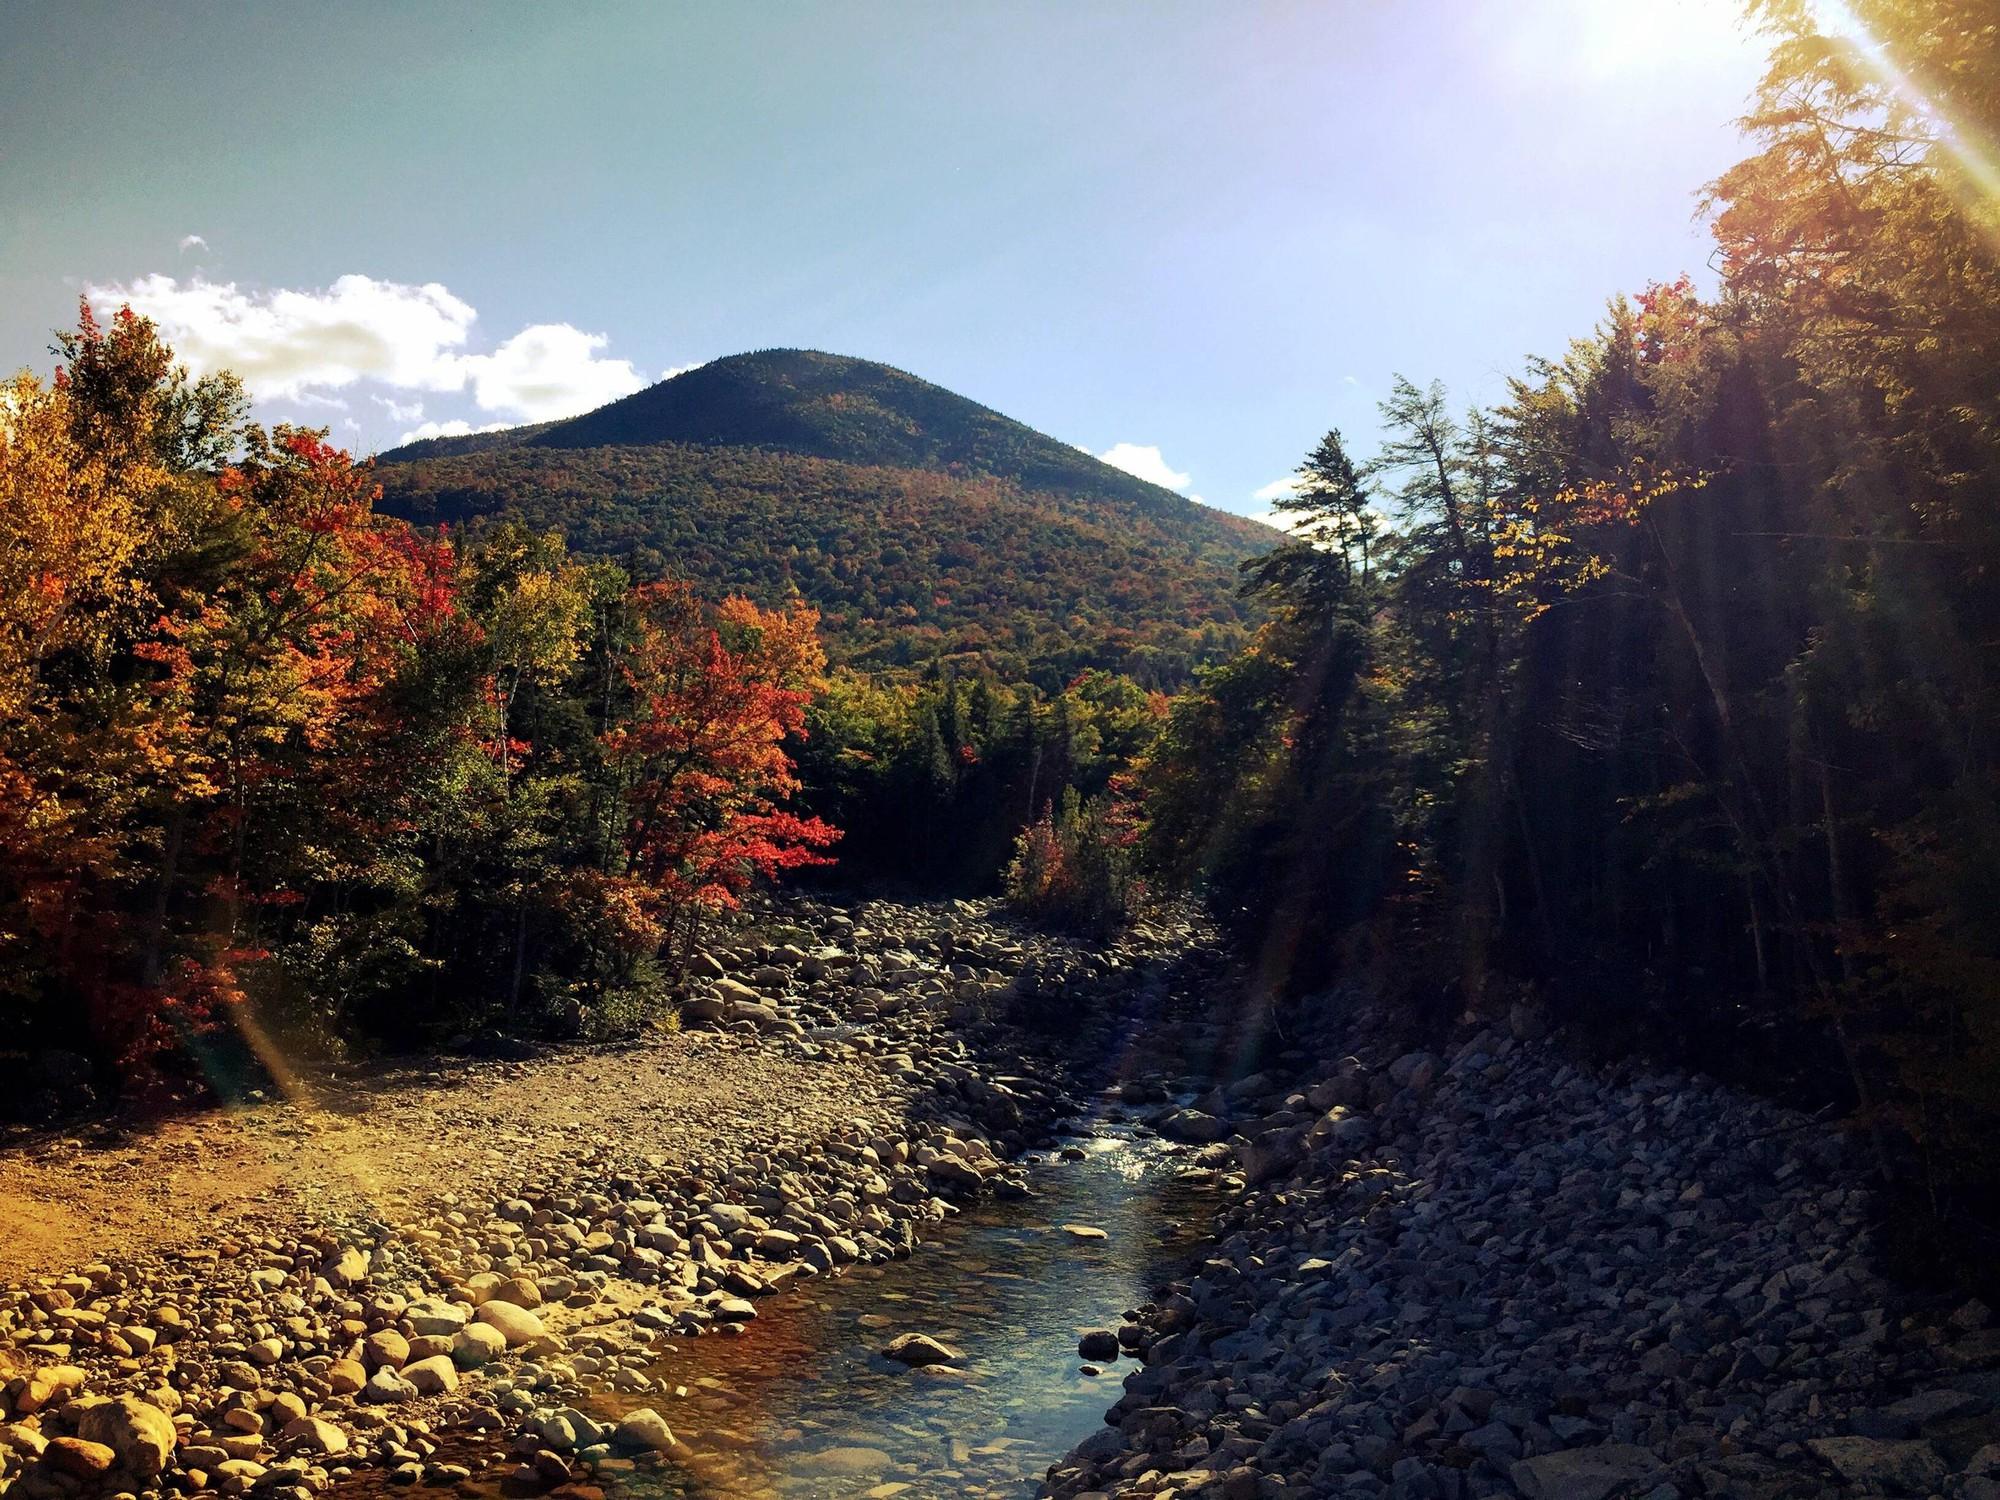 Ngắm phong cảnh đẹp đến ngoạn mục của những khu rừng vào mùa thu - Ảnh 28.